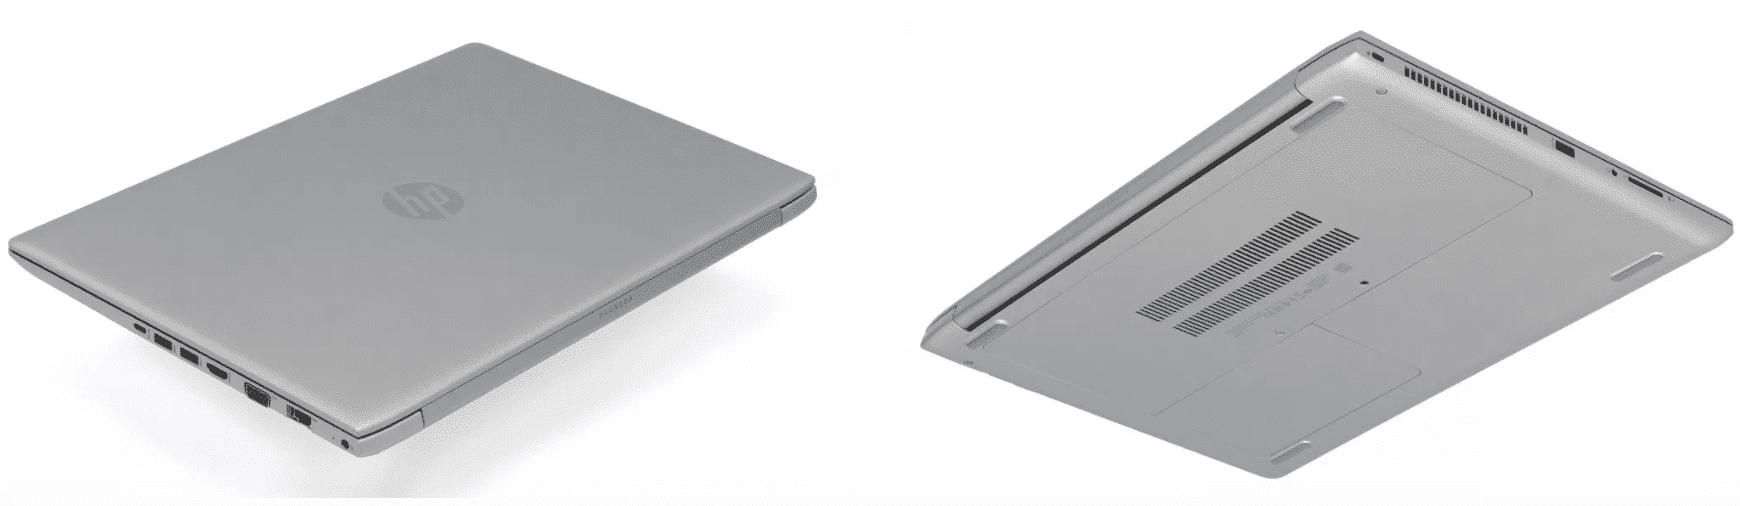 HP 惠普 ProBook 450 G5 评测